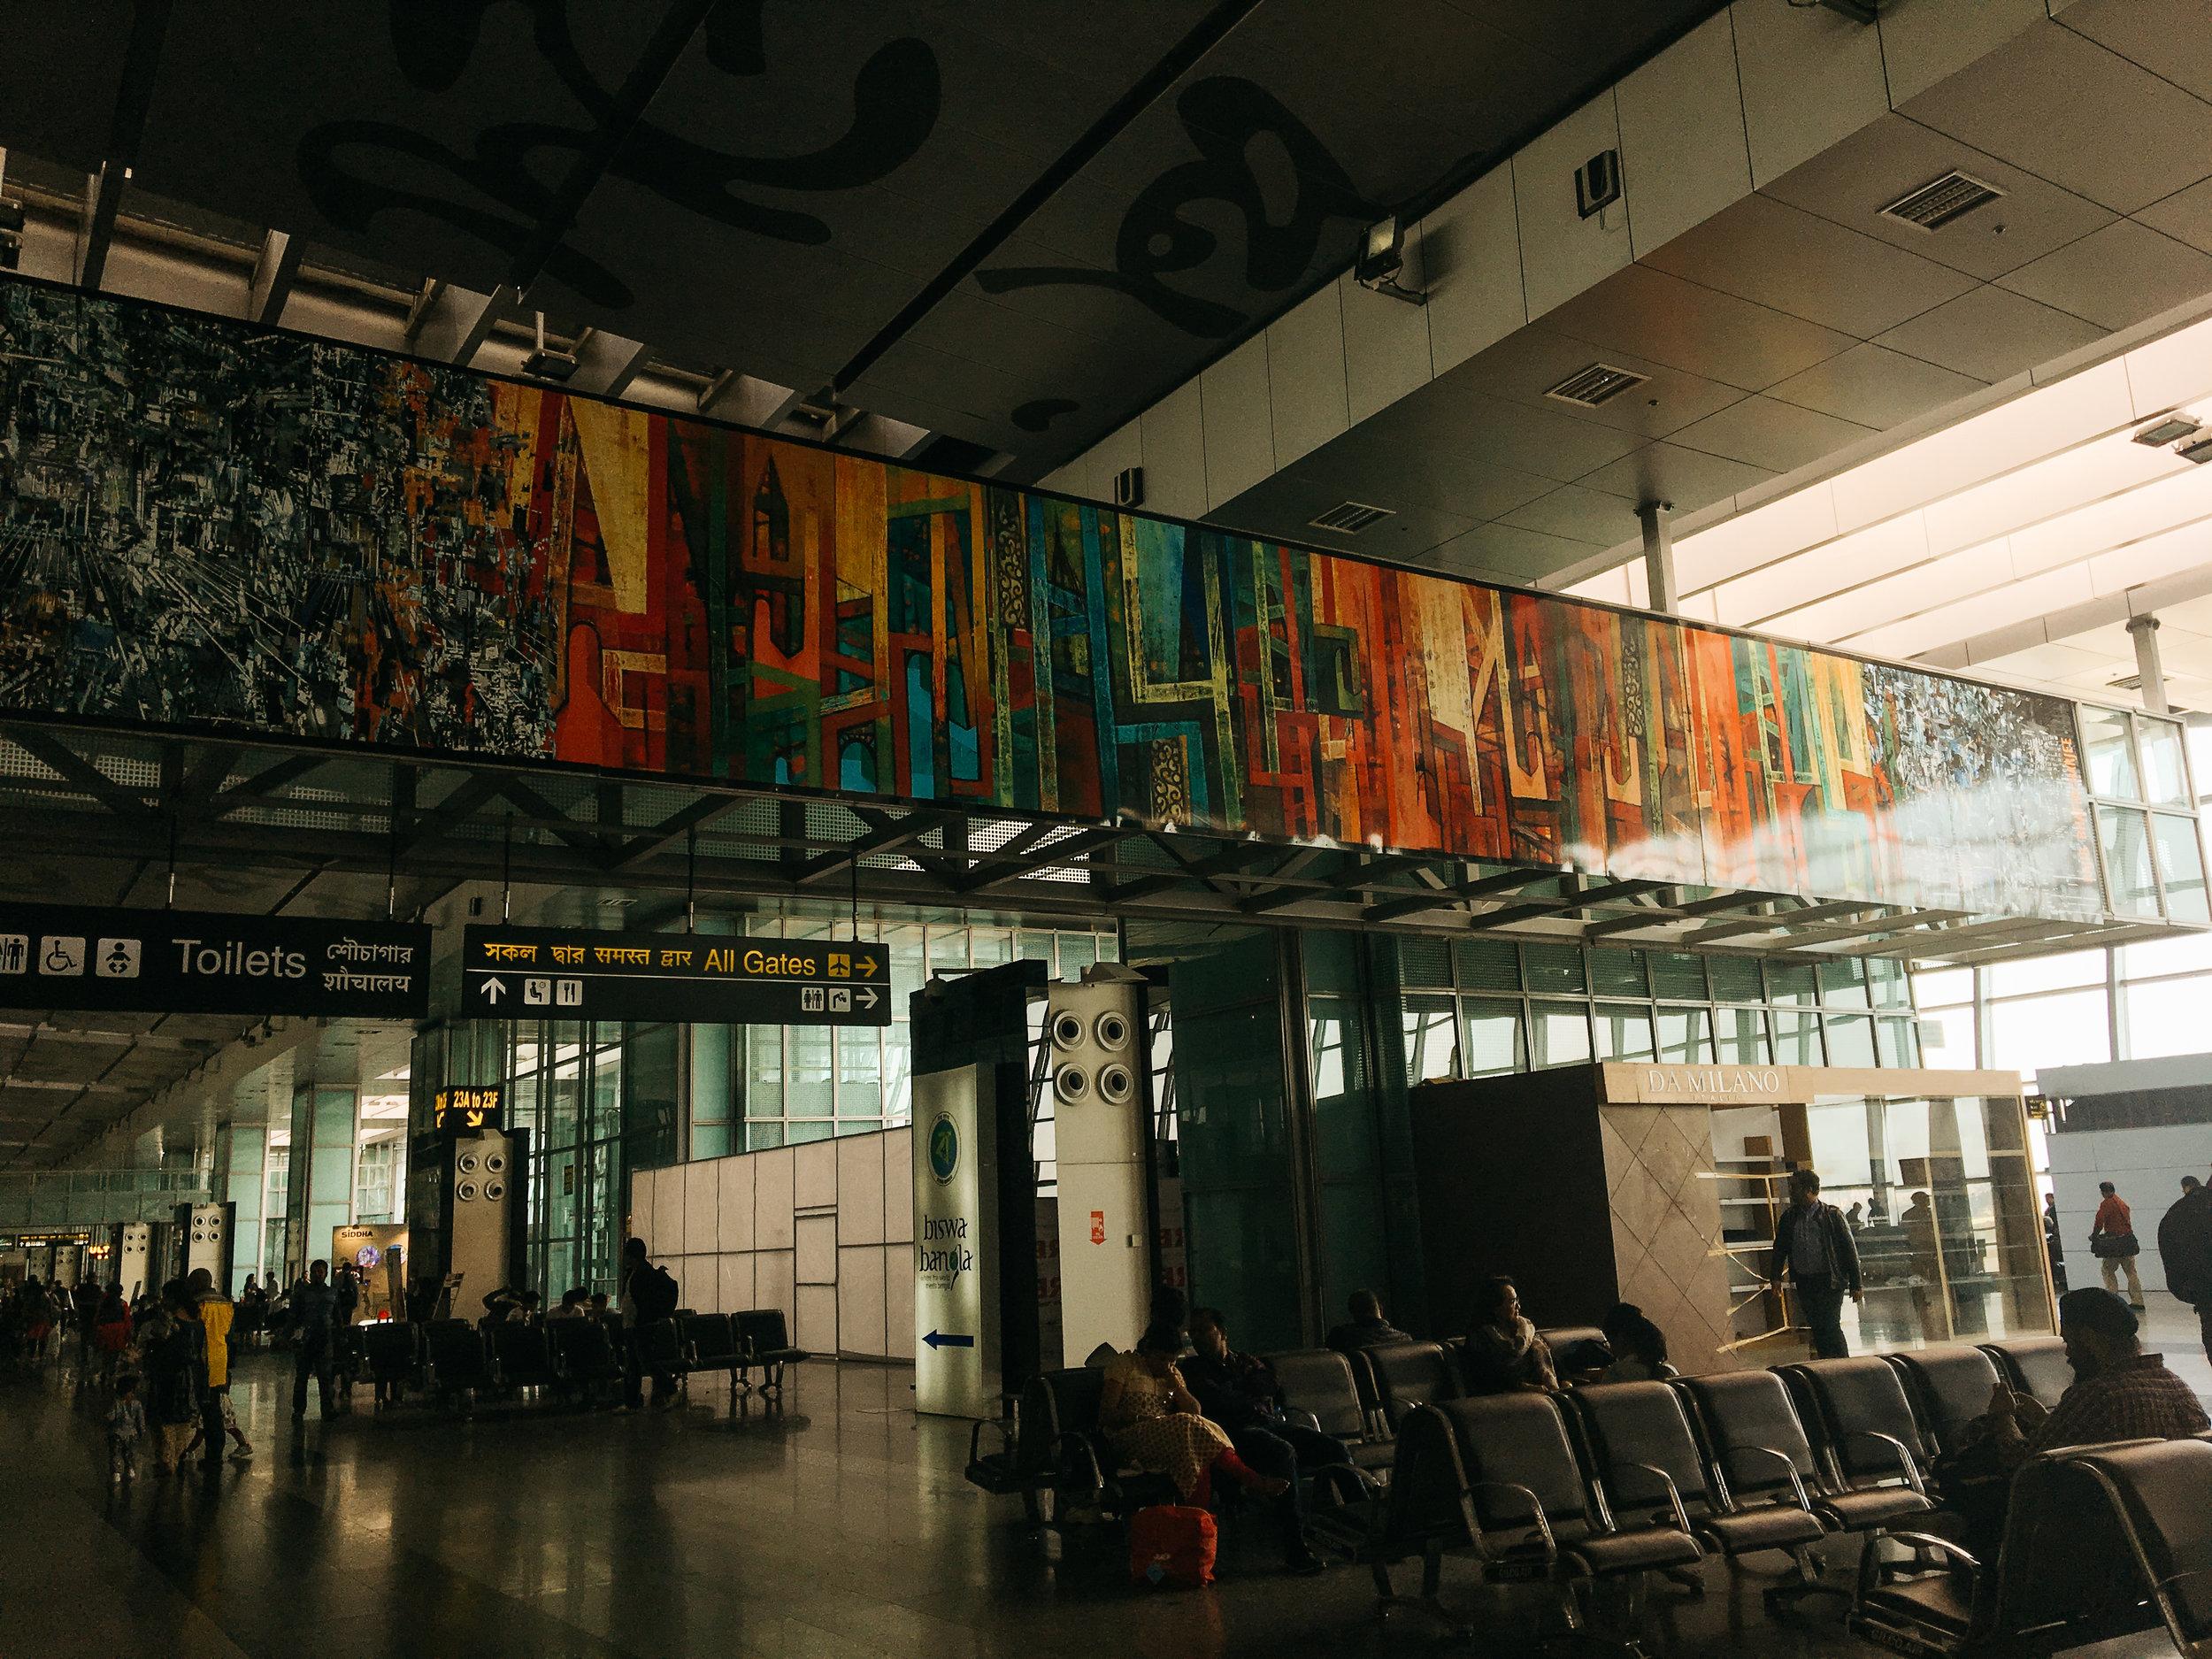 Love this mosaic at the Kolkata airport!